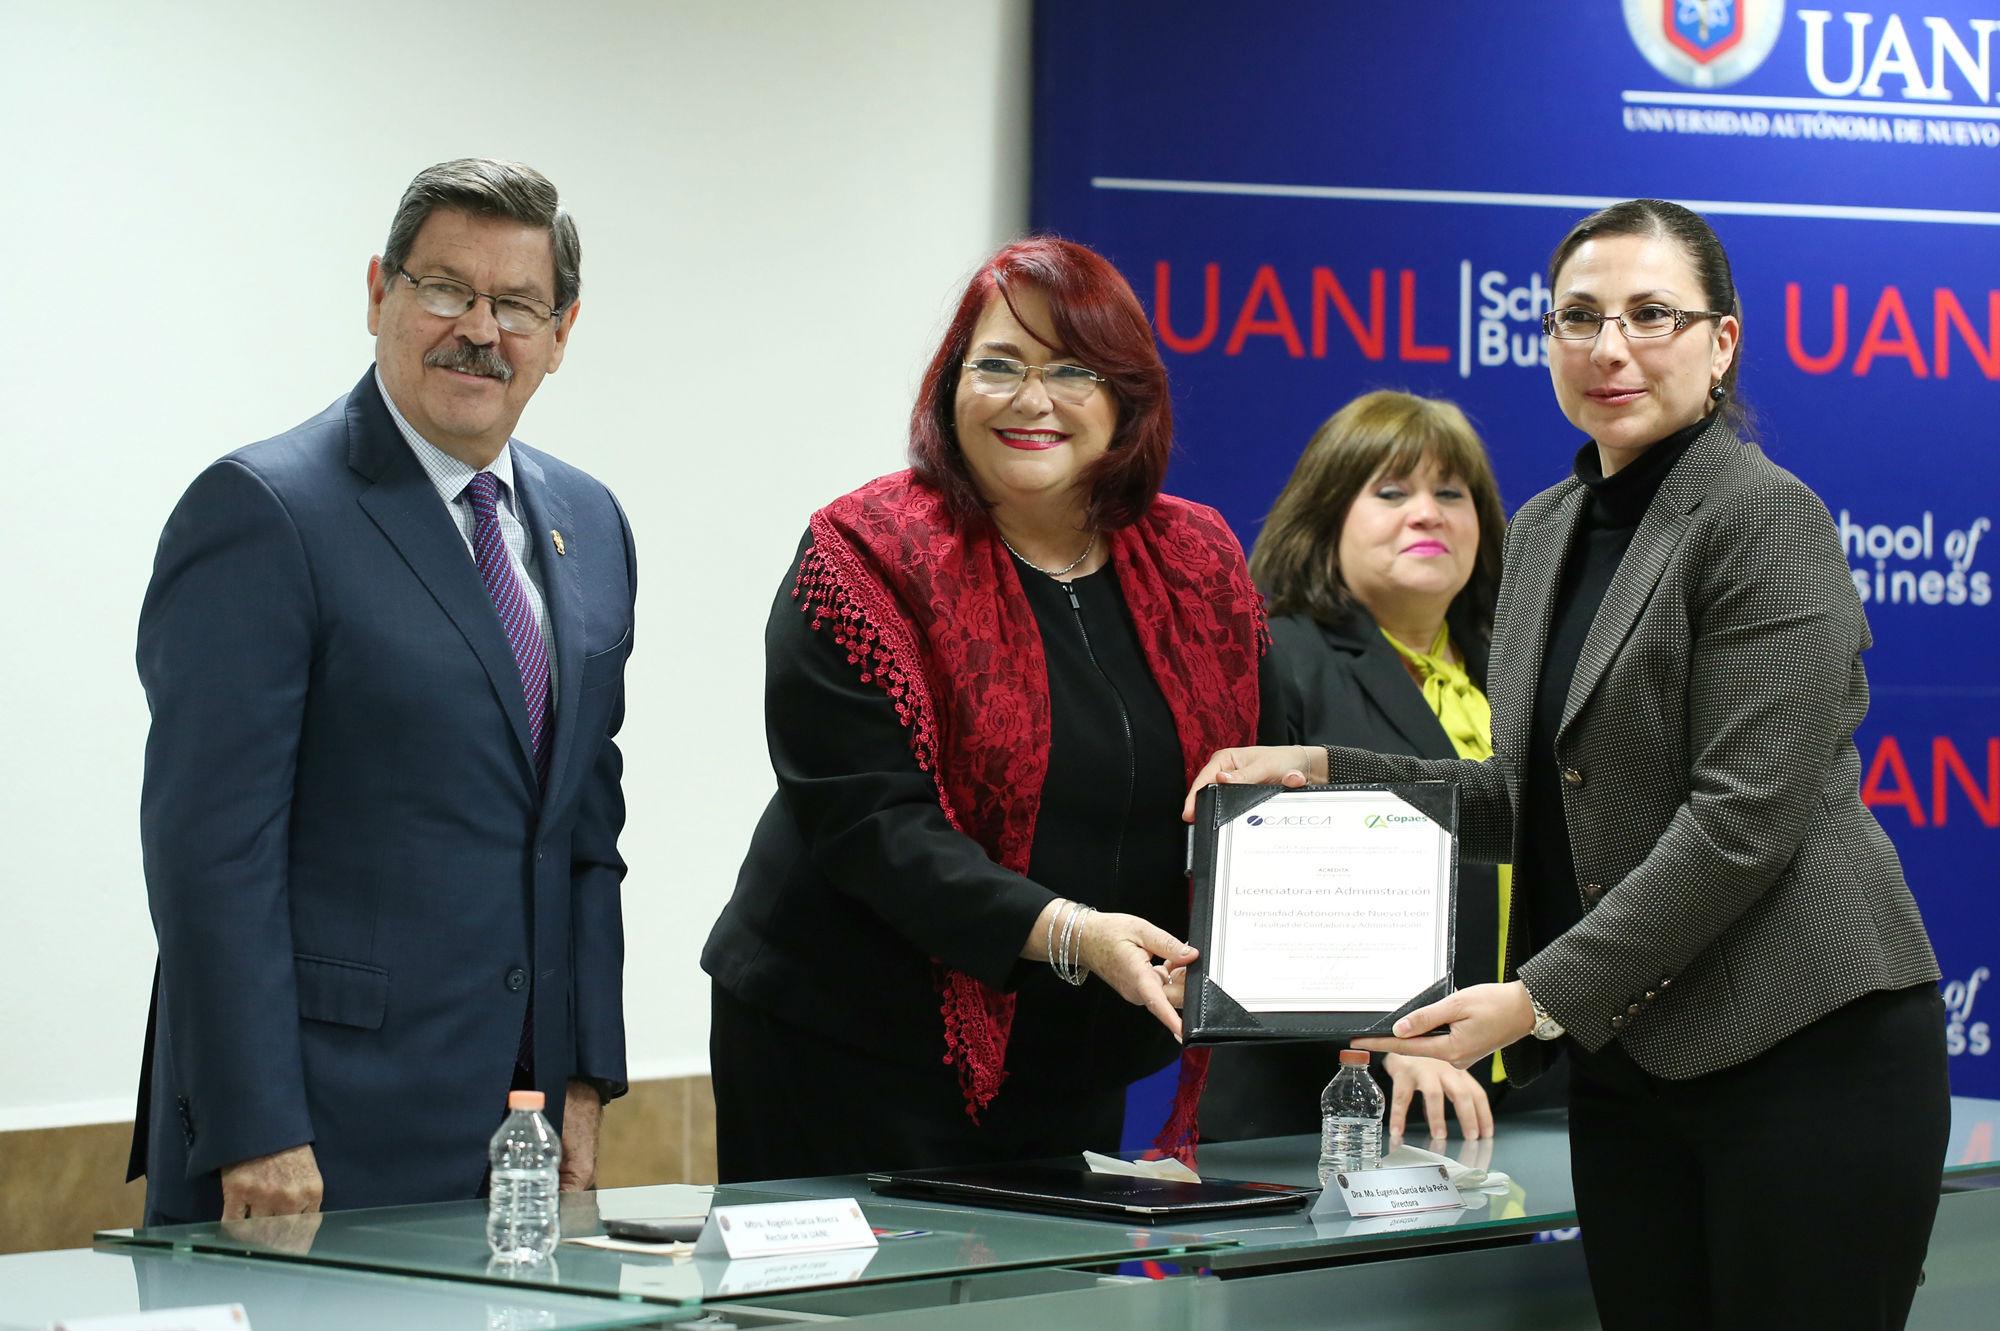 Entrega de la acreditación nacional a la Licenciatura en Administración